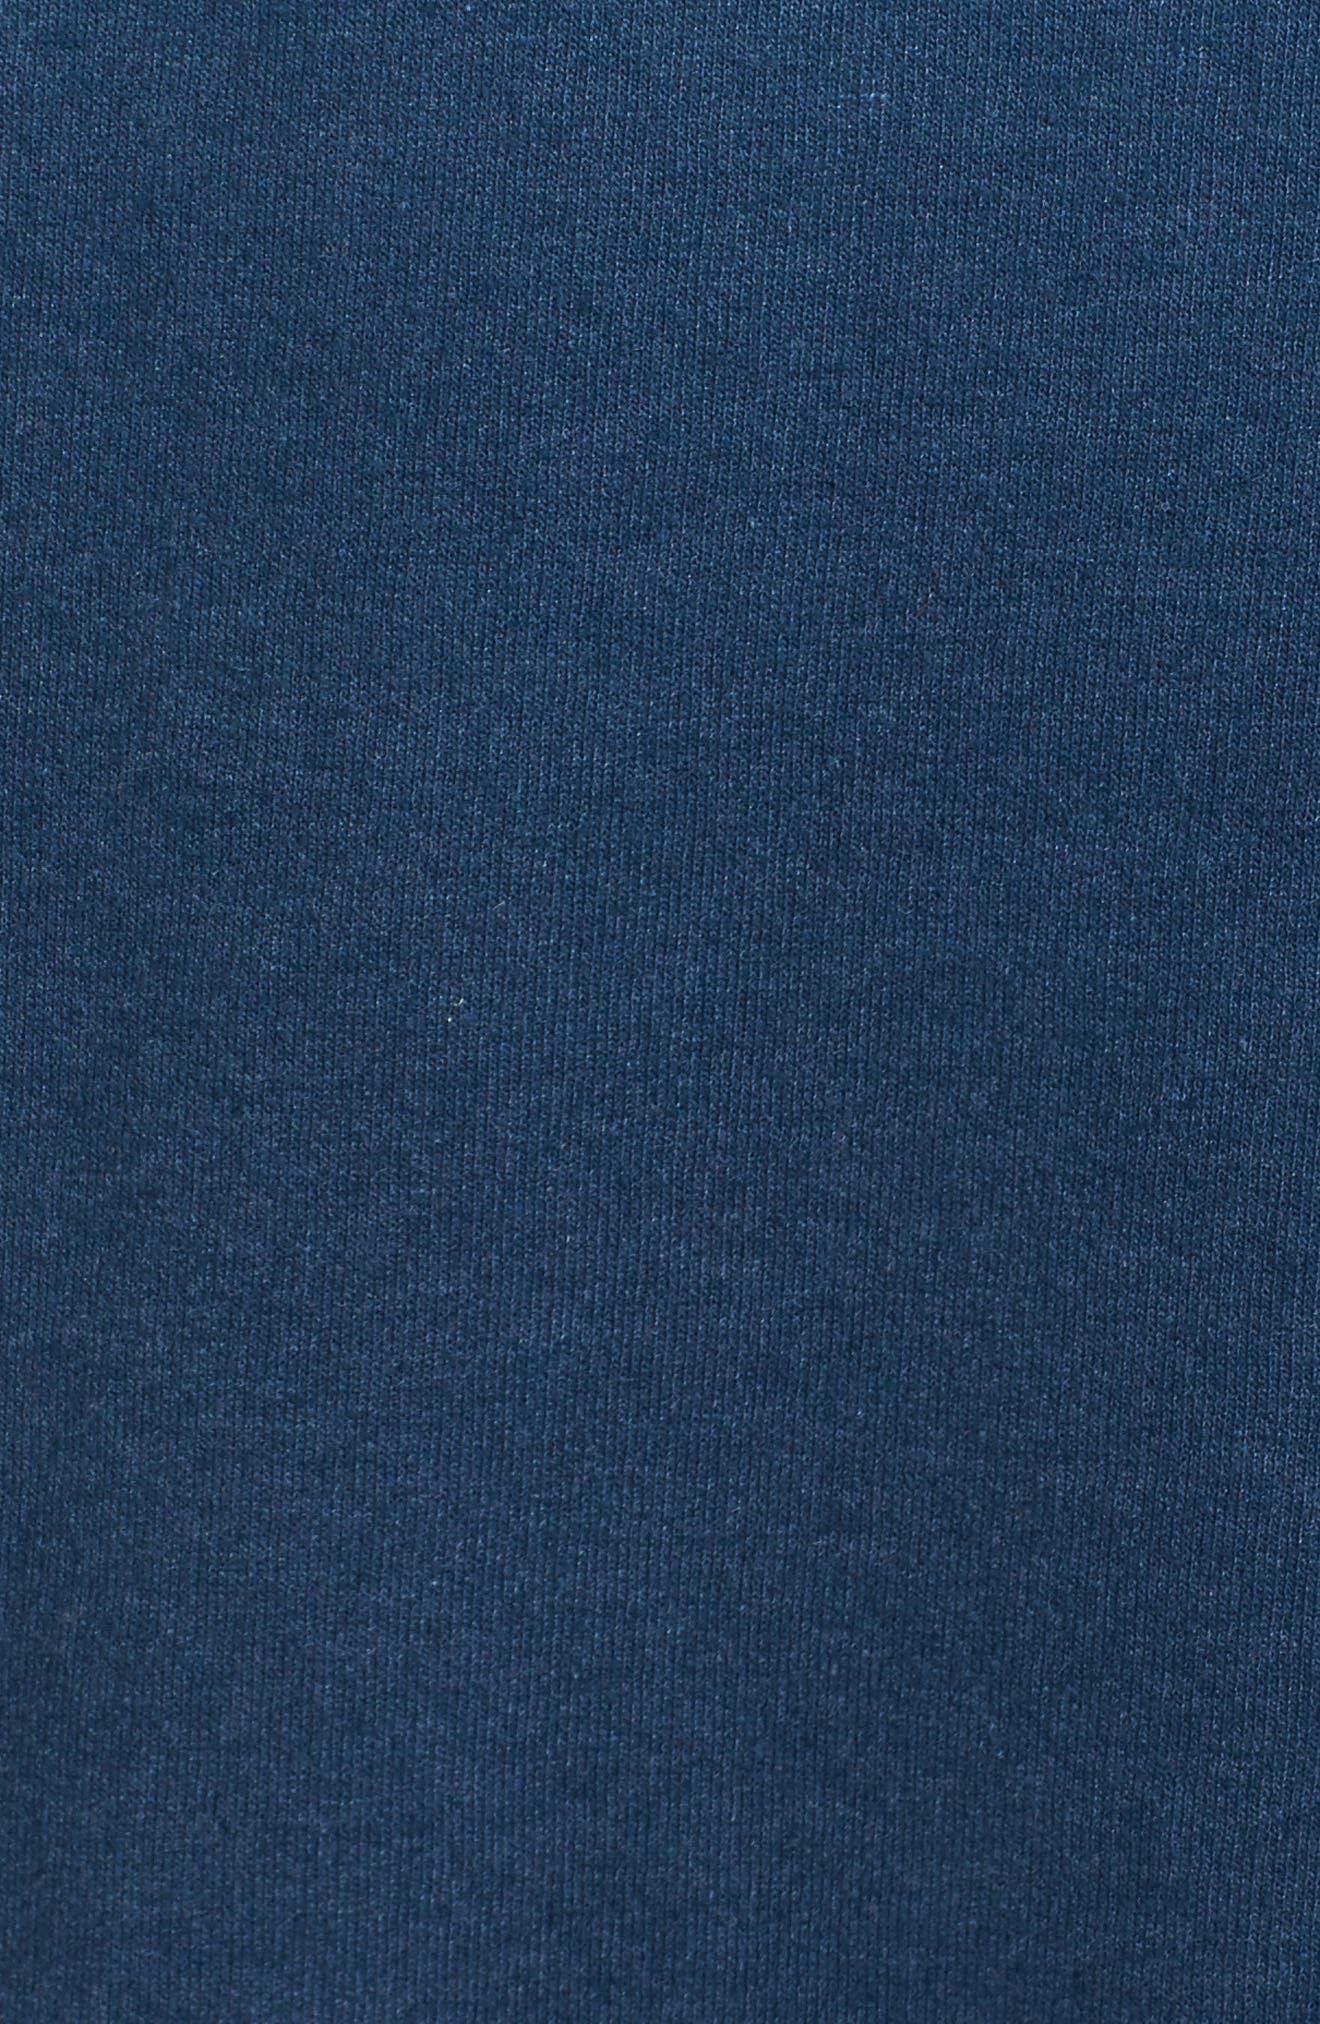 The Beatles Ombré Sweatshirt,                             Alternate thumbnail 5, color,                             410